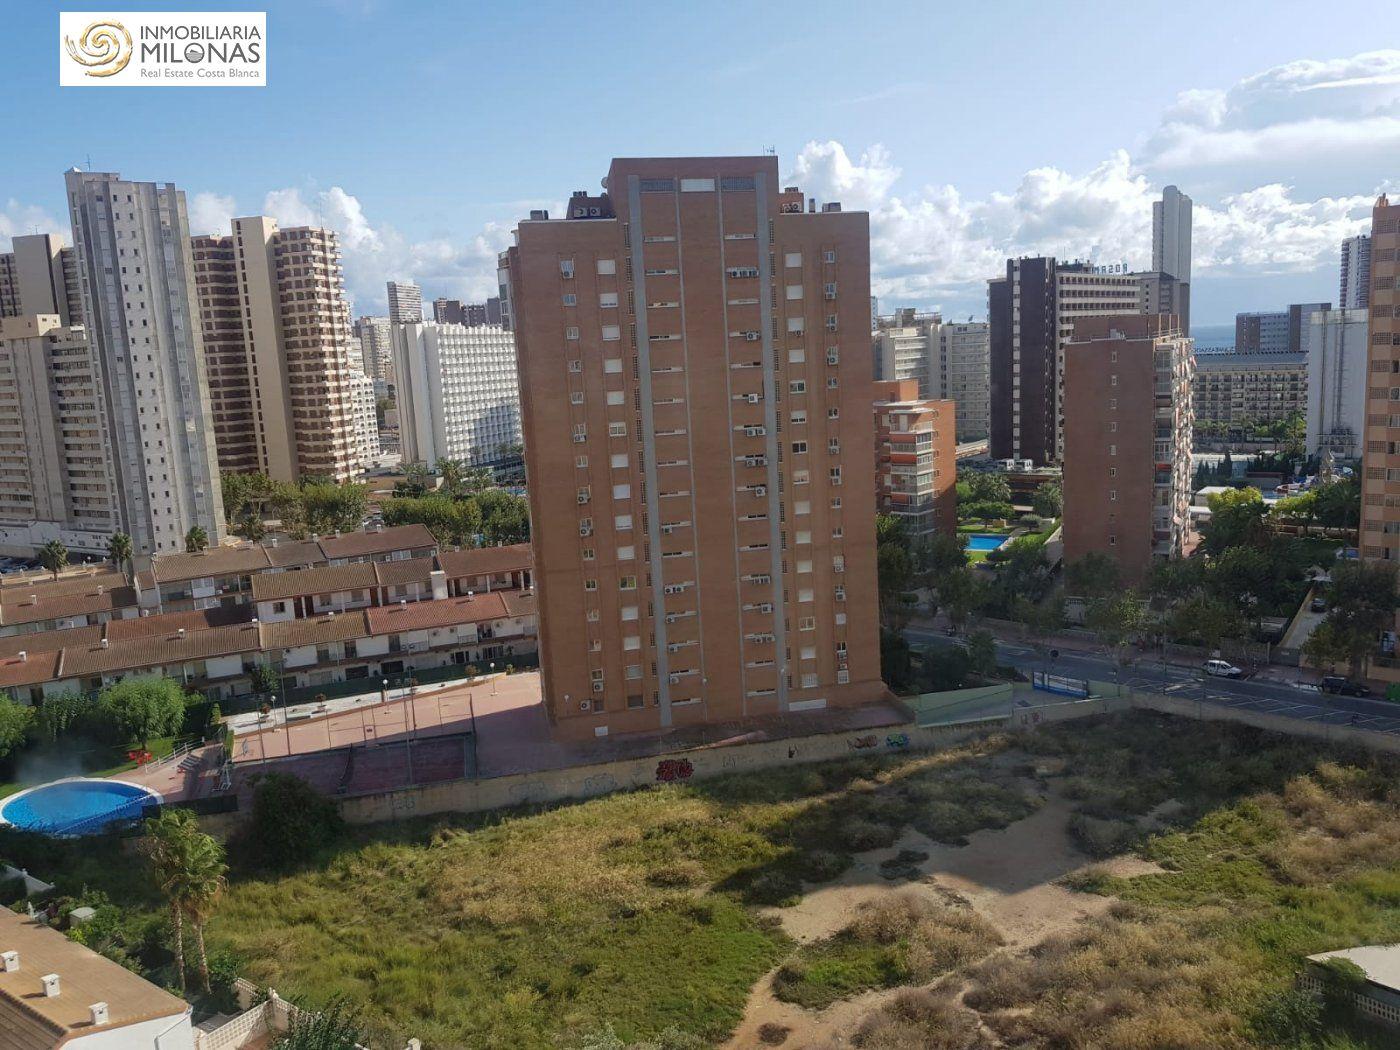 apartamento en benidorm · rincon-de-loix-llano 117000€